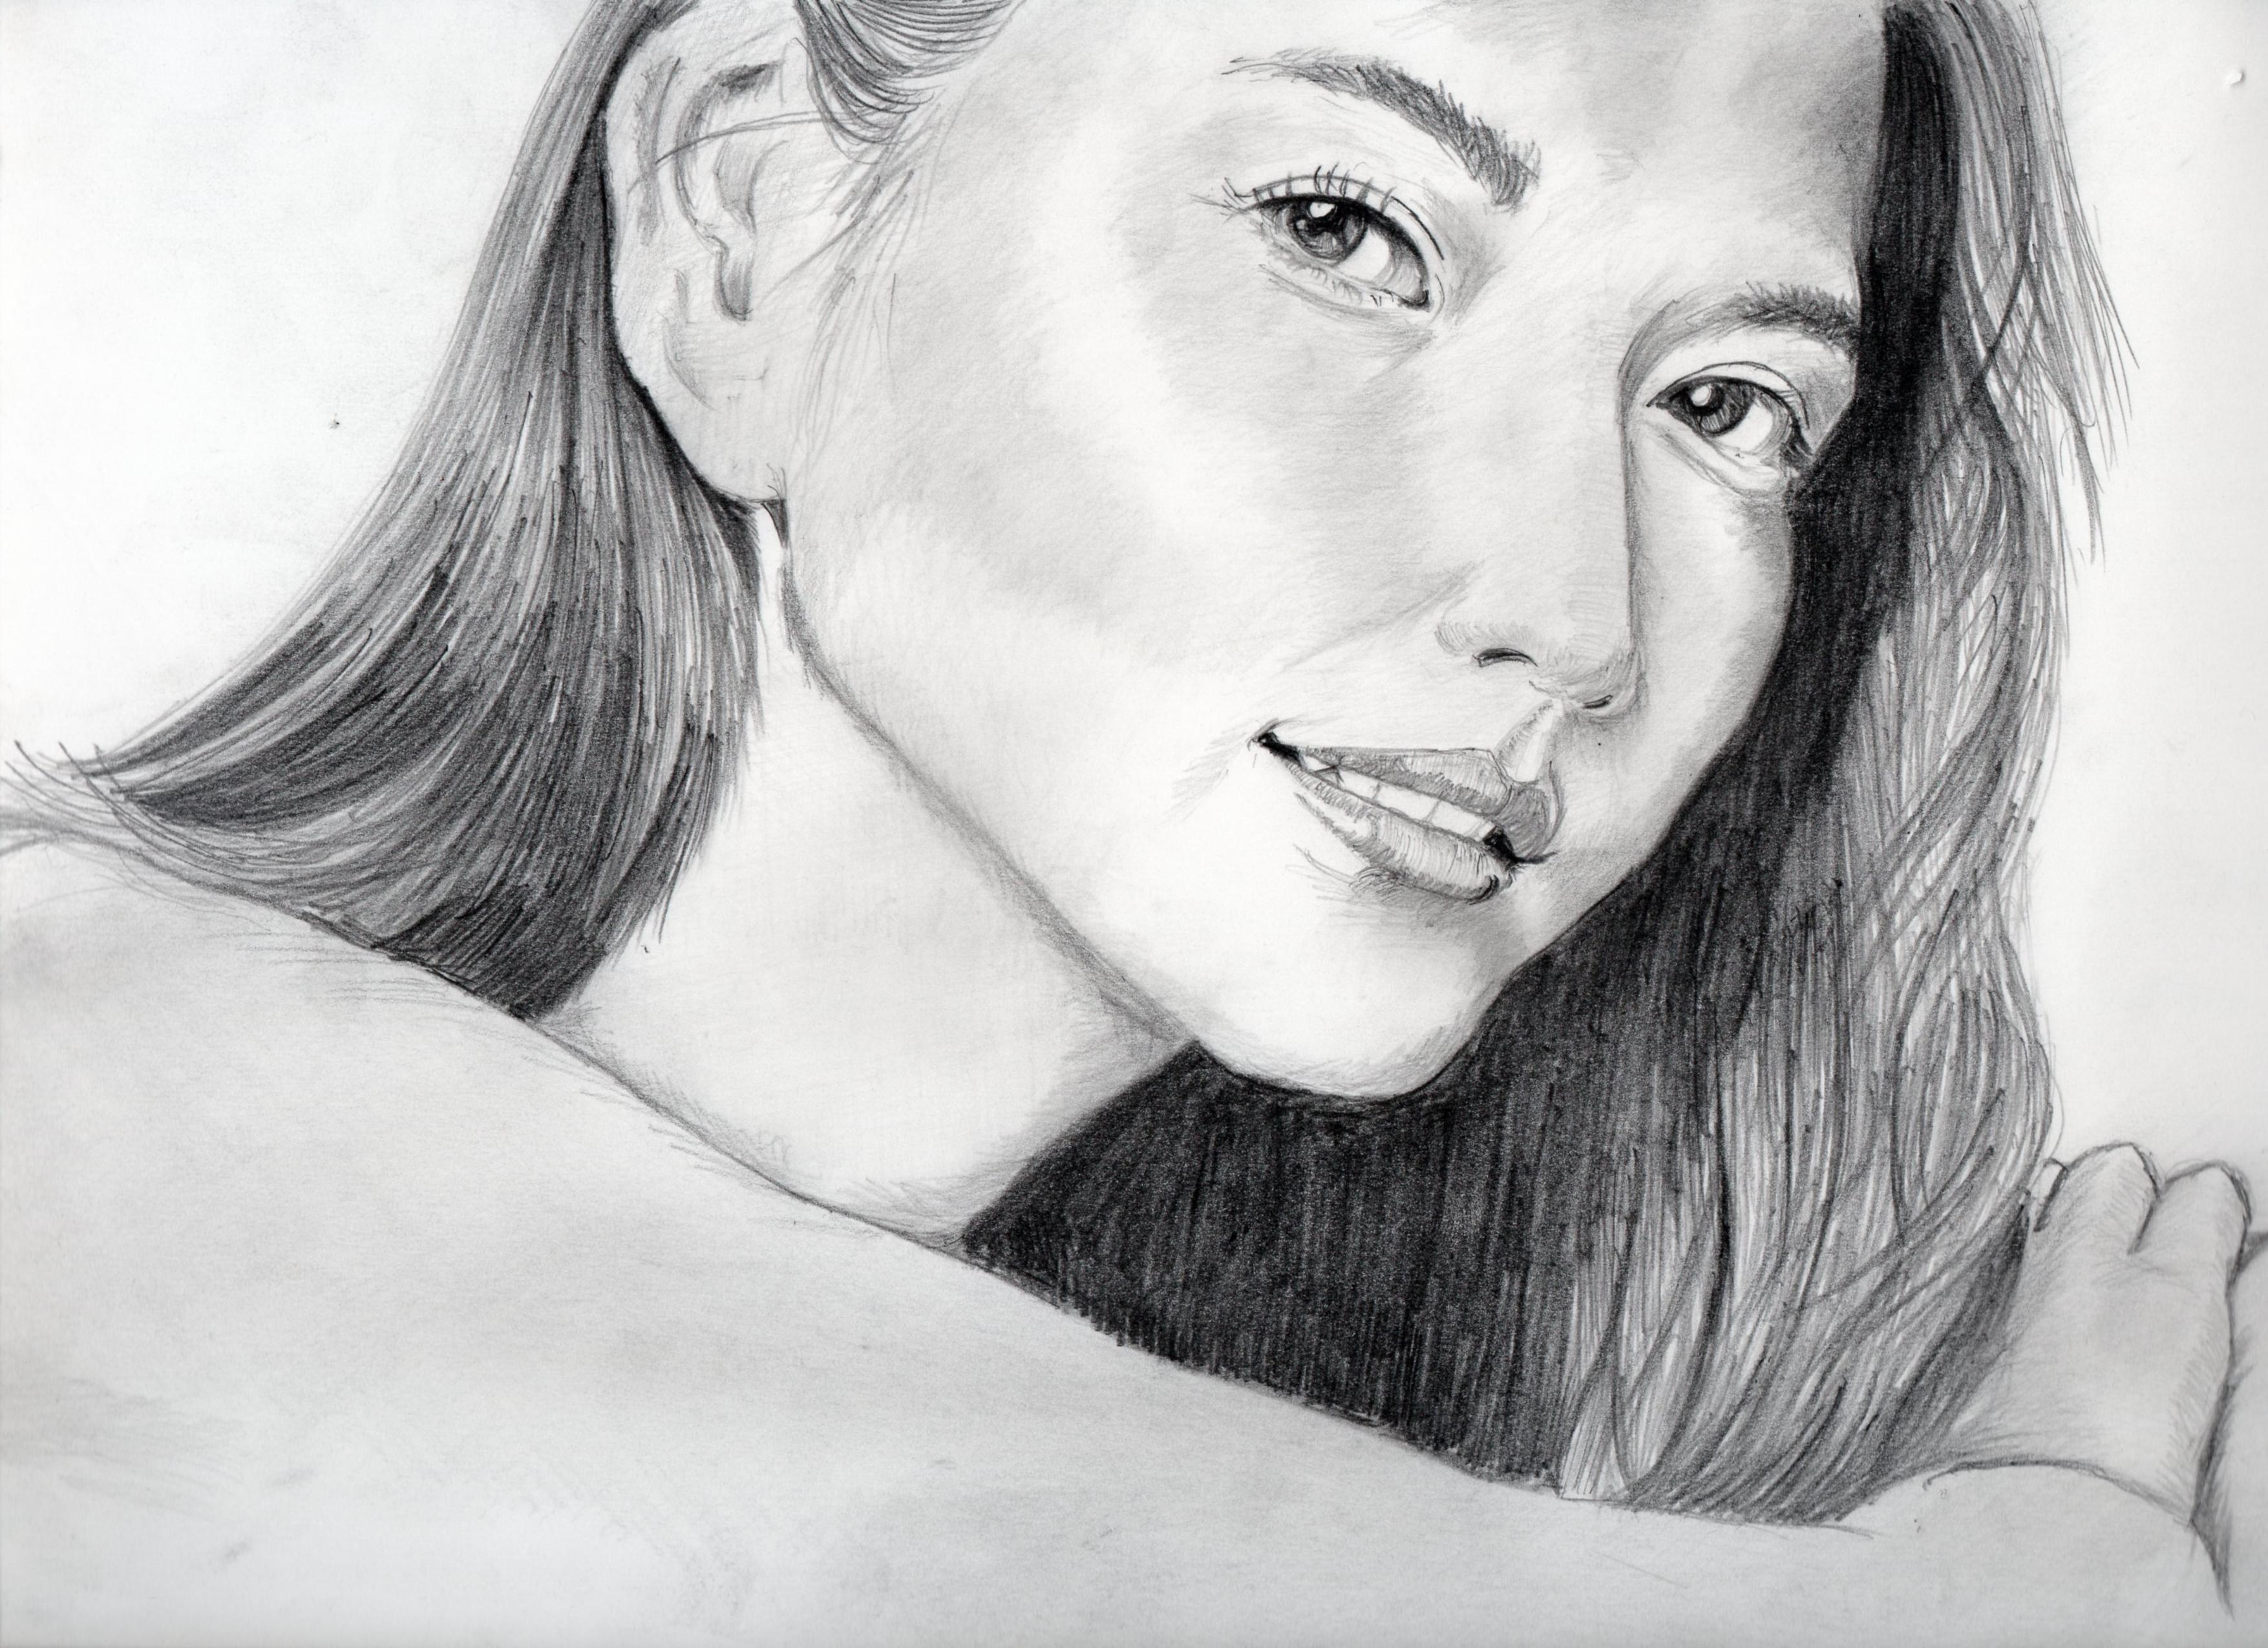 長澤まさみの鉛筆画似顔絵、長澤まさみのリアル鉛筆画似顔絵